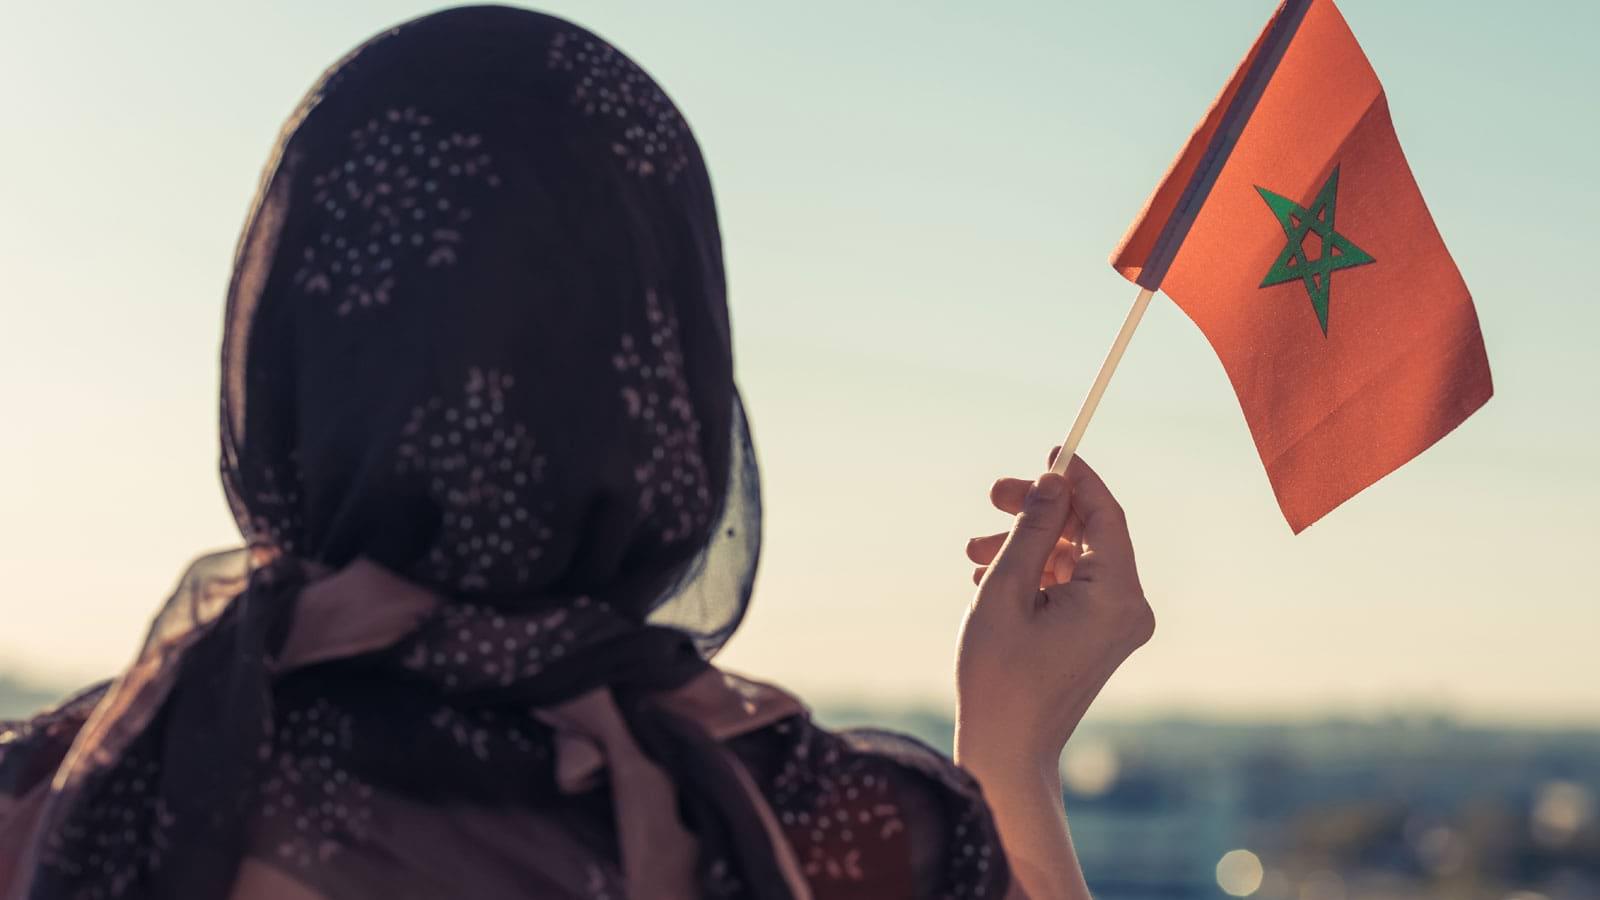 المغرب يتحدى منظمة العفو الدولية أن تأتي بدليل واحد على اتهاماتها